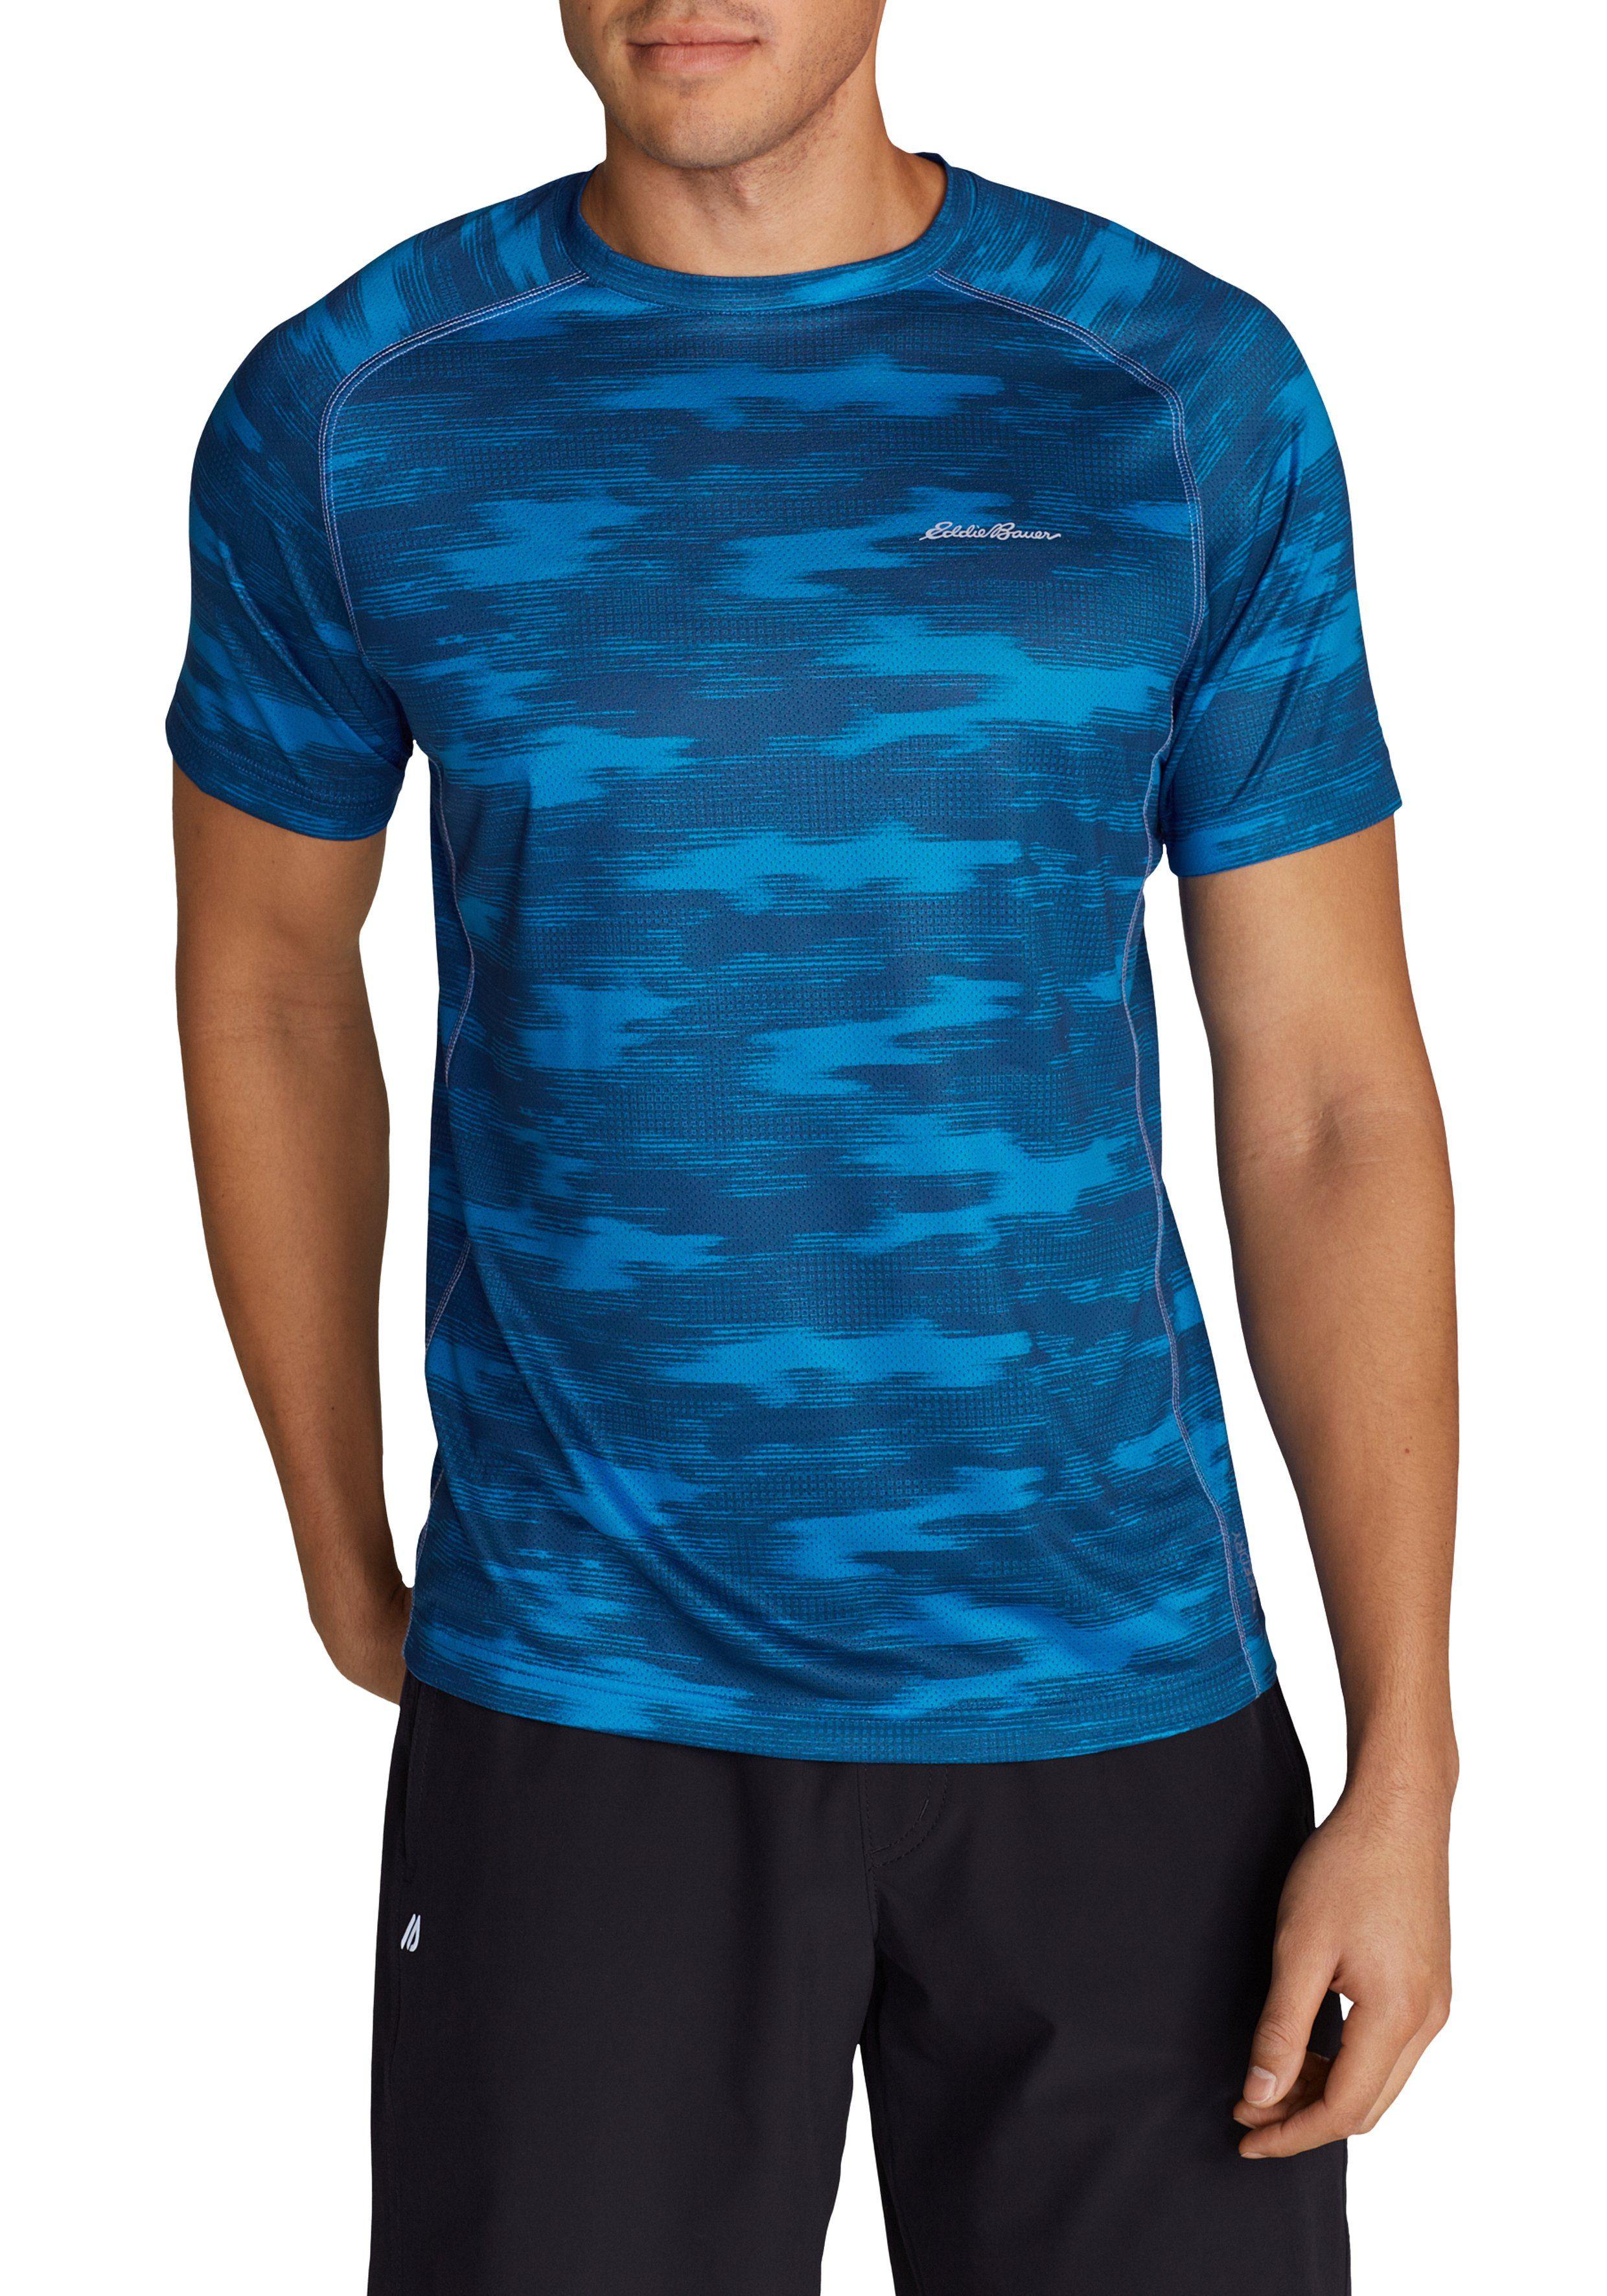 Eddie Bauer Resolution Mesh T-Shirt - bedruckt